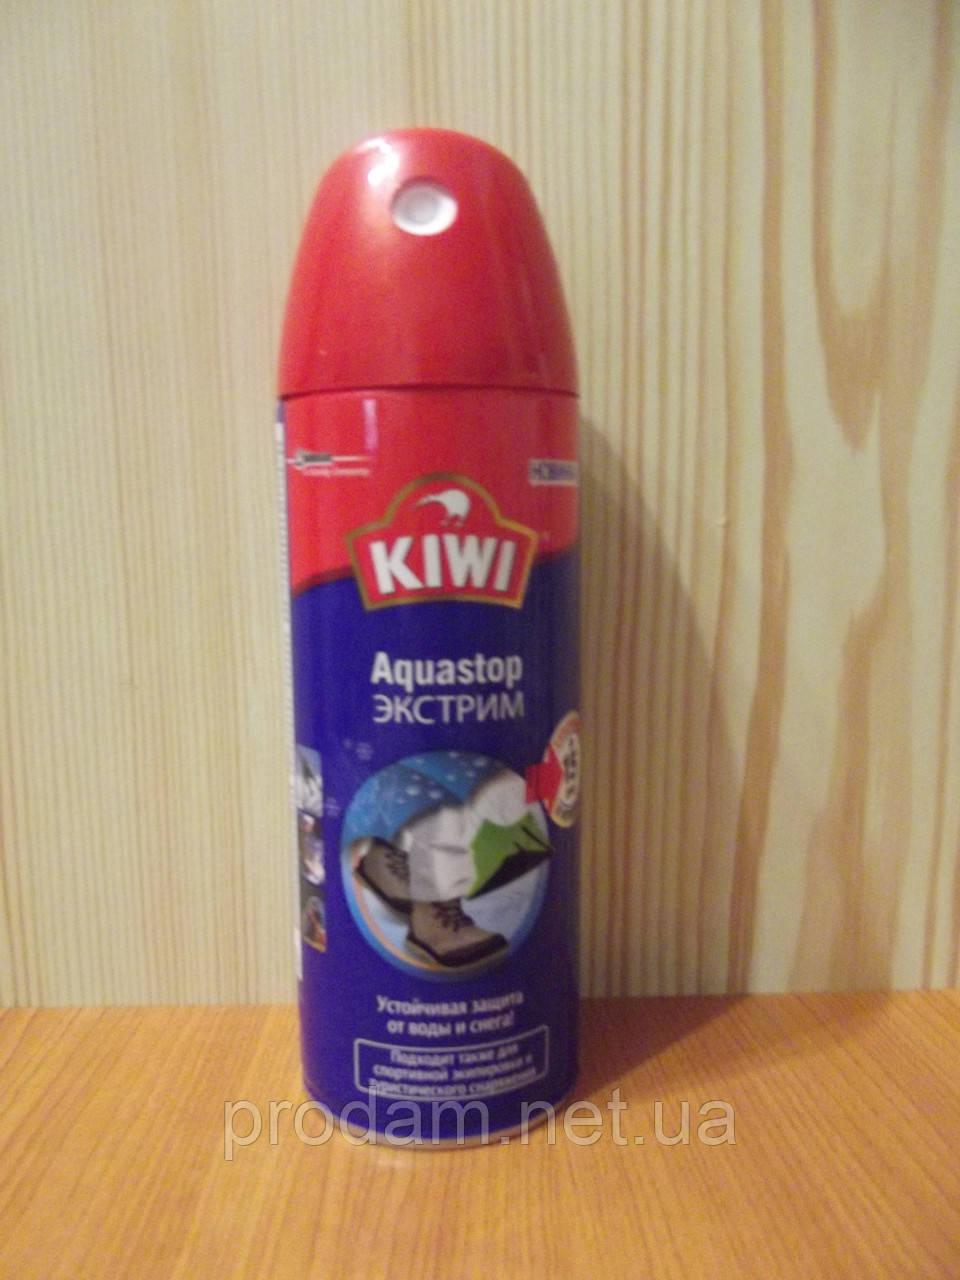 Kiwi экстрим аквастоп